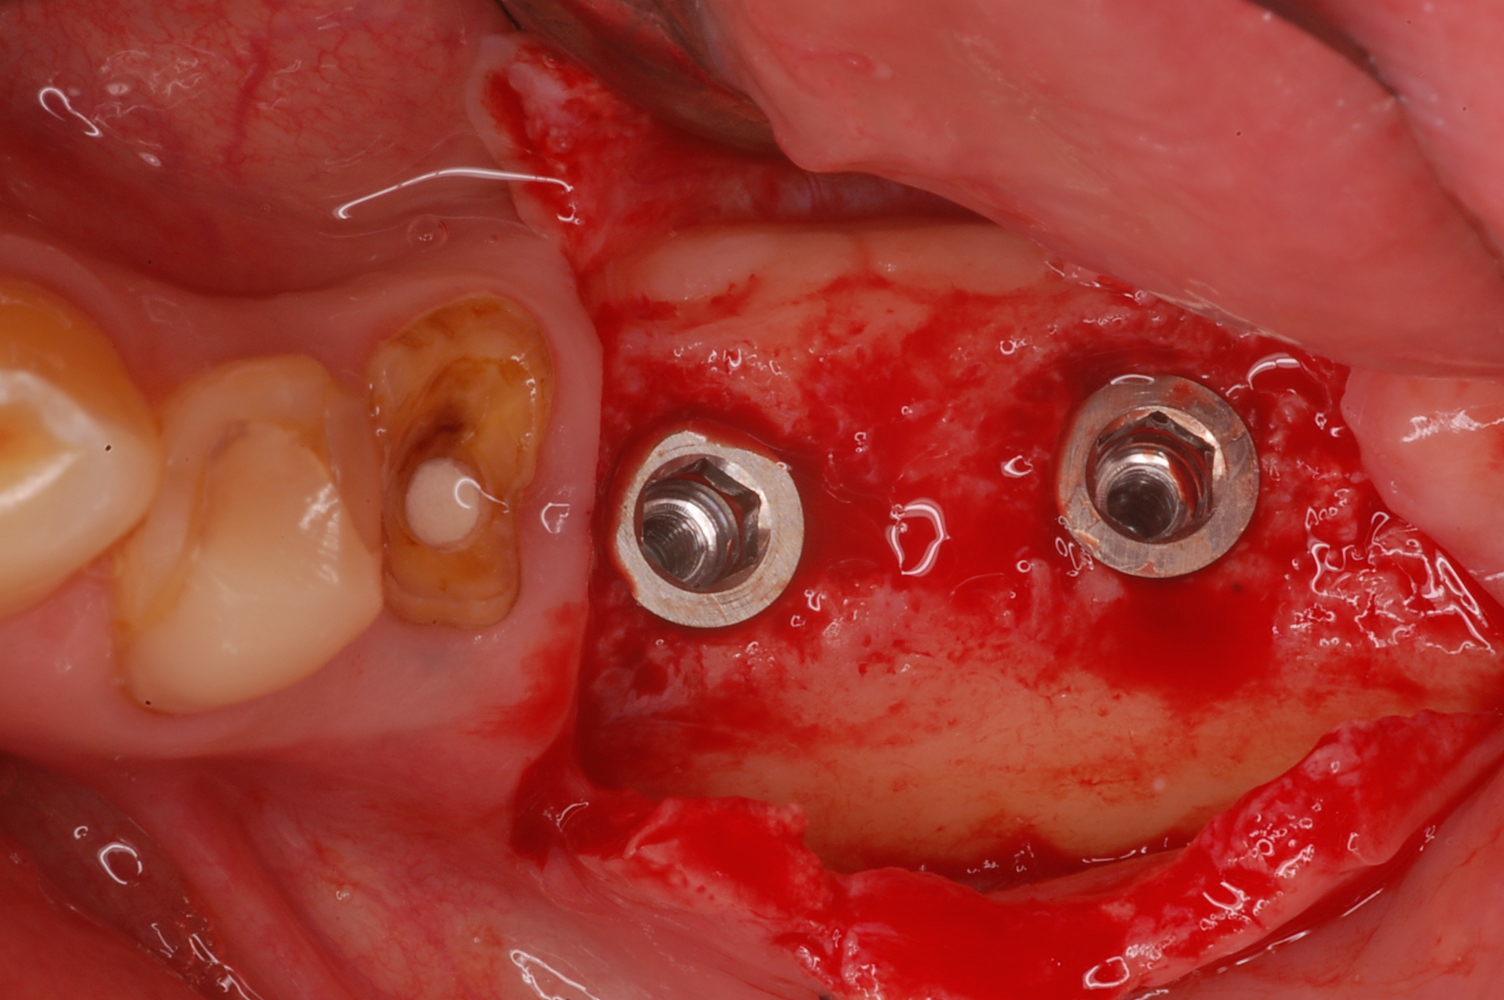 インプラント手術中